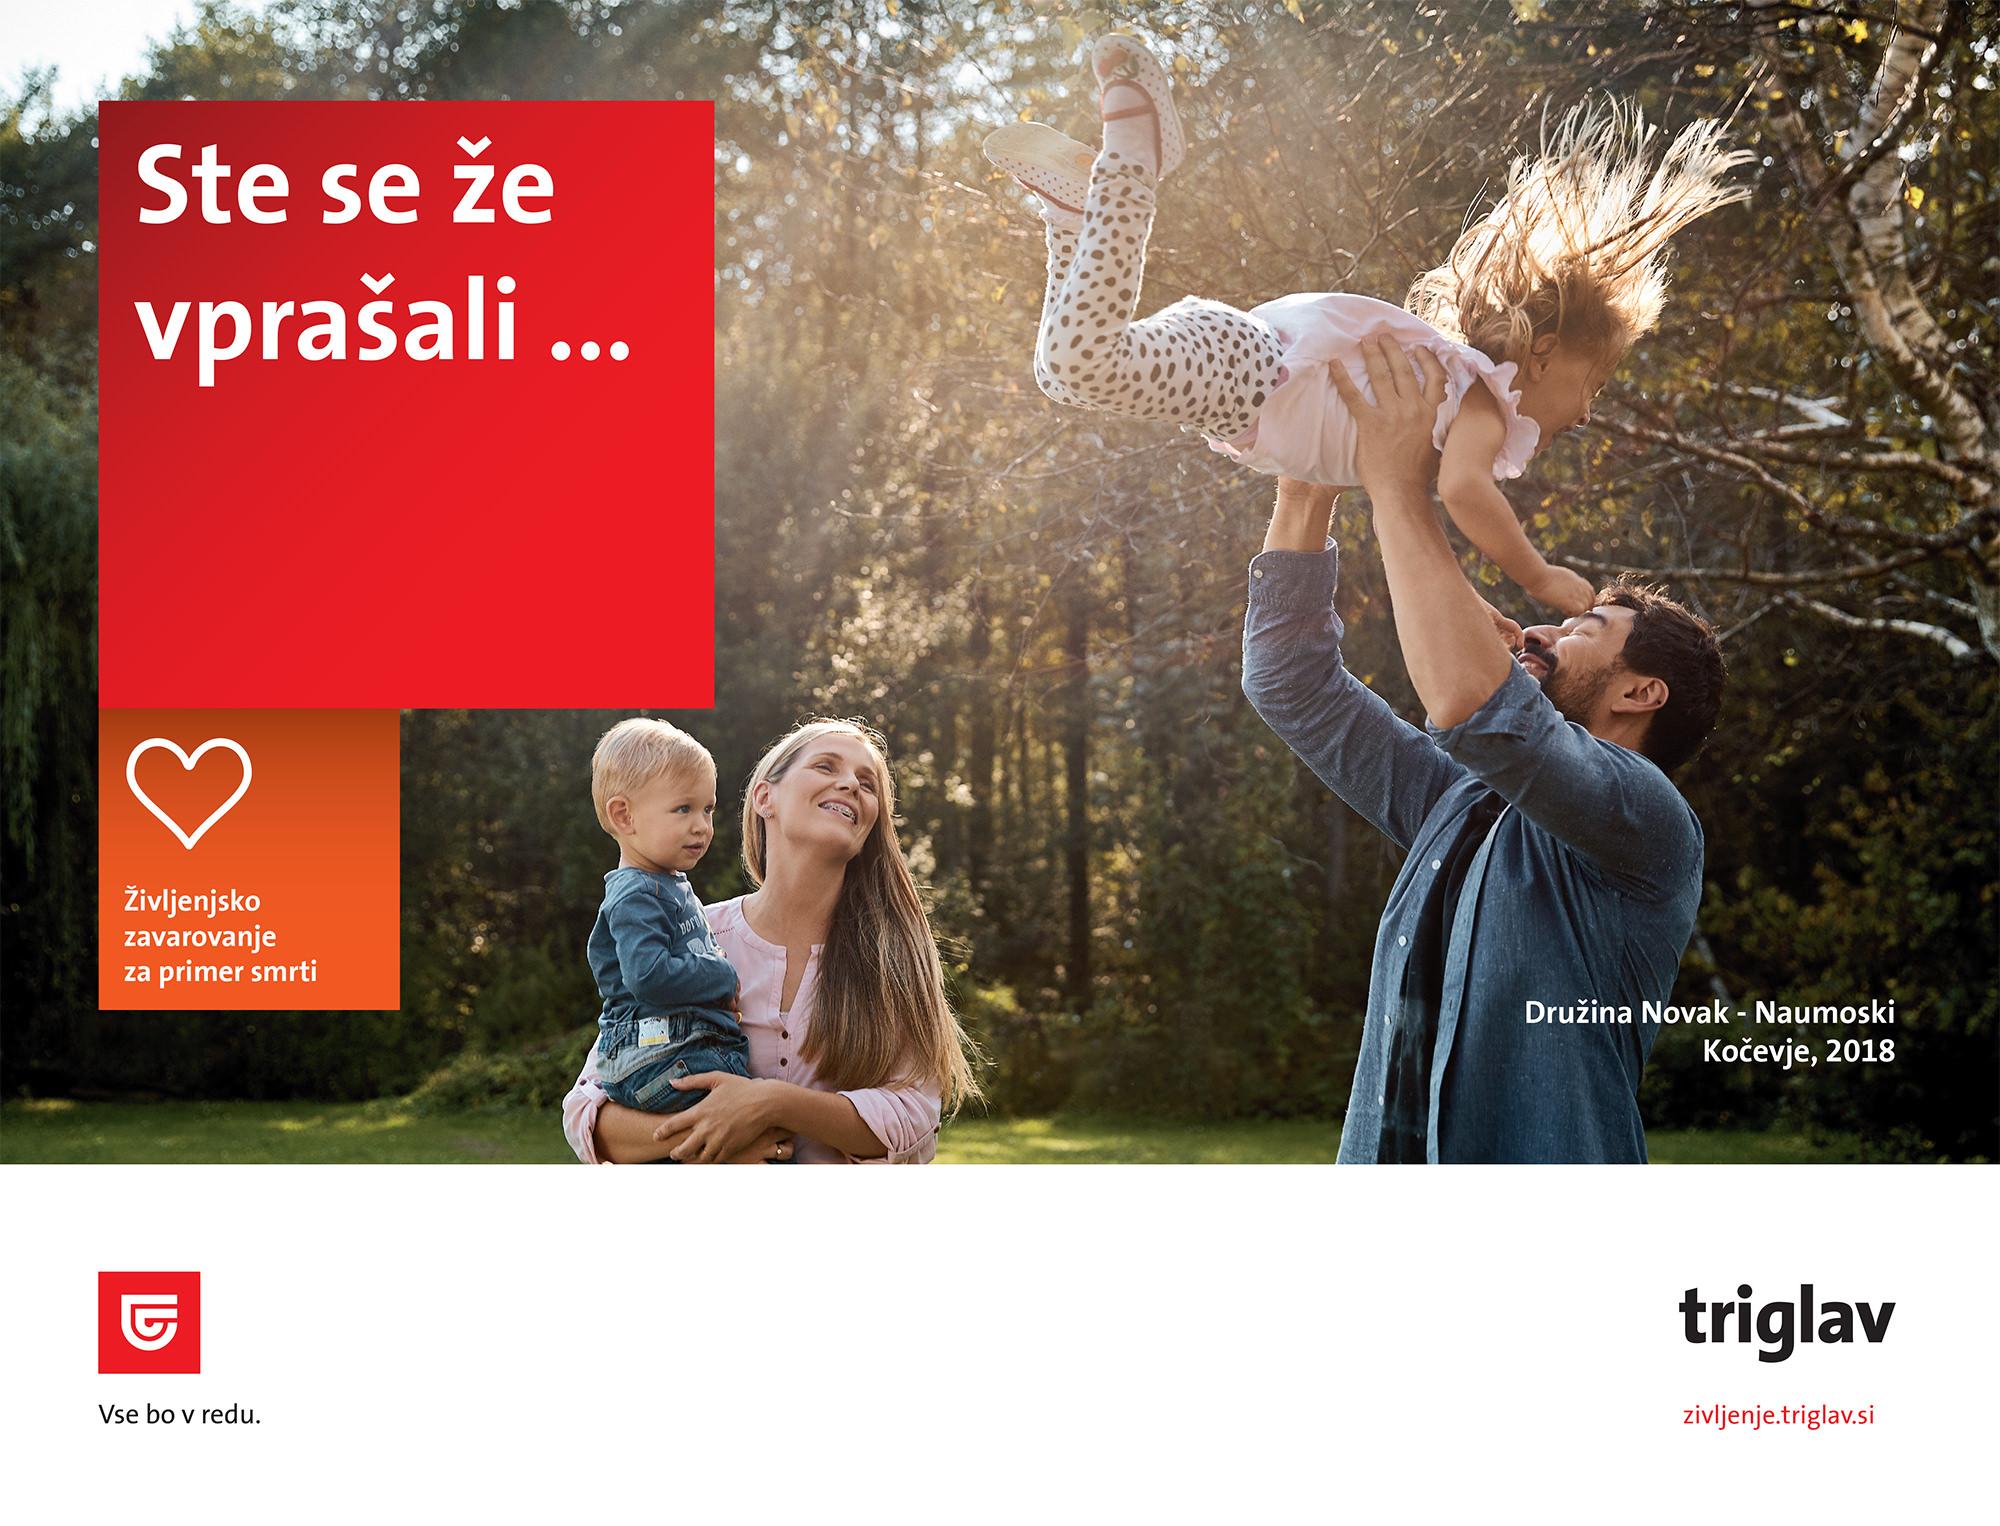 triglav-2019-billboard_zivljenje_druzina-naumoski.jpg